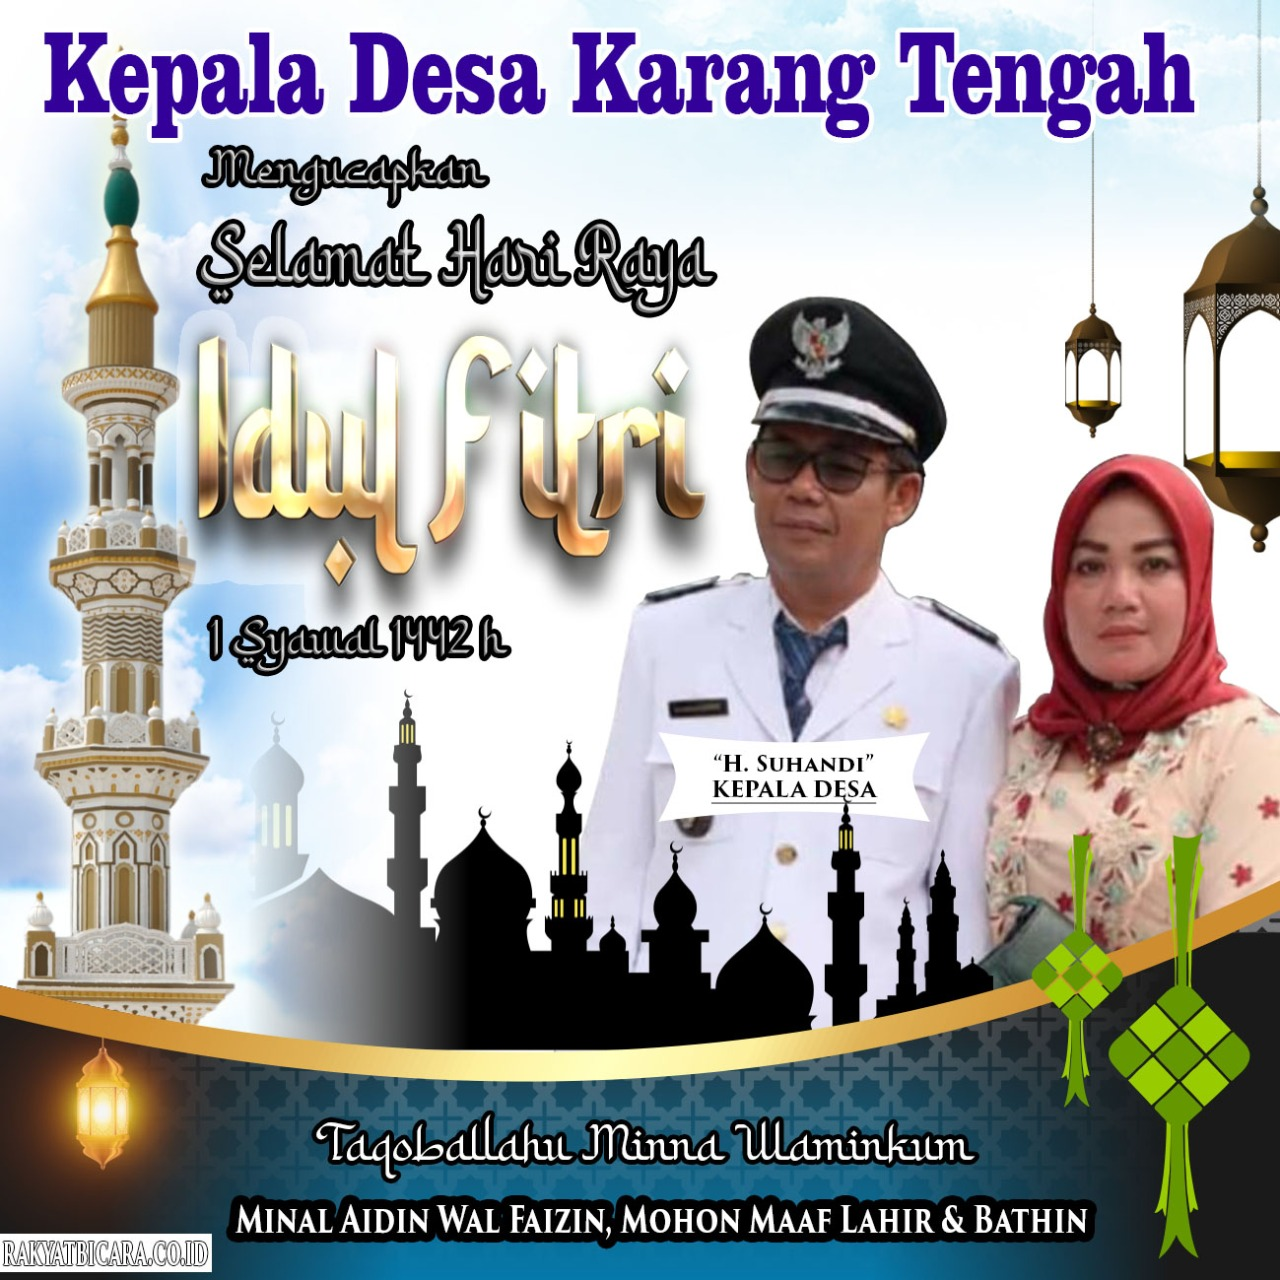 Kepala Desa Karang Tengah Beserta Perangkat Desa, Mengucapkan Selamat Hari Raya Idul Fitri 1 Syawal 1442 H